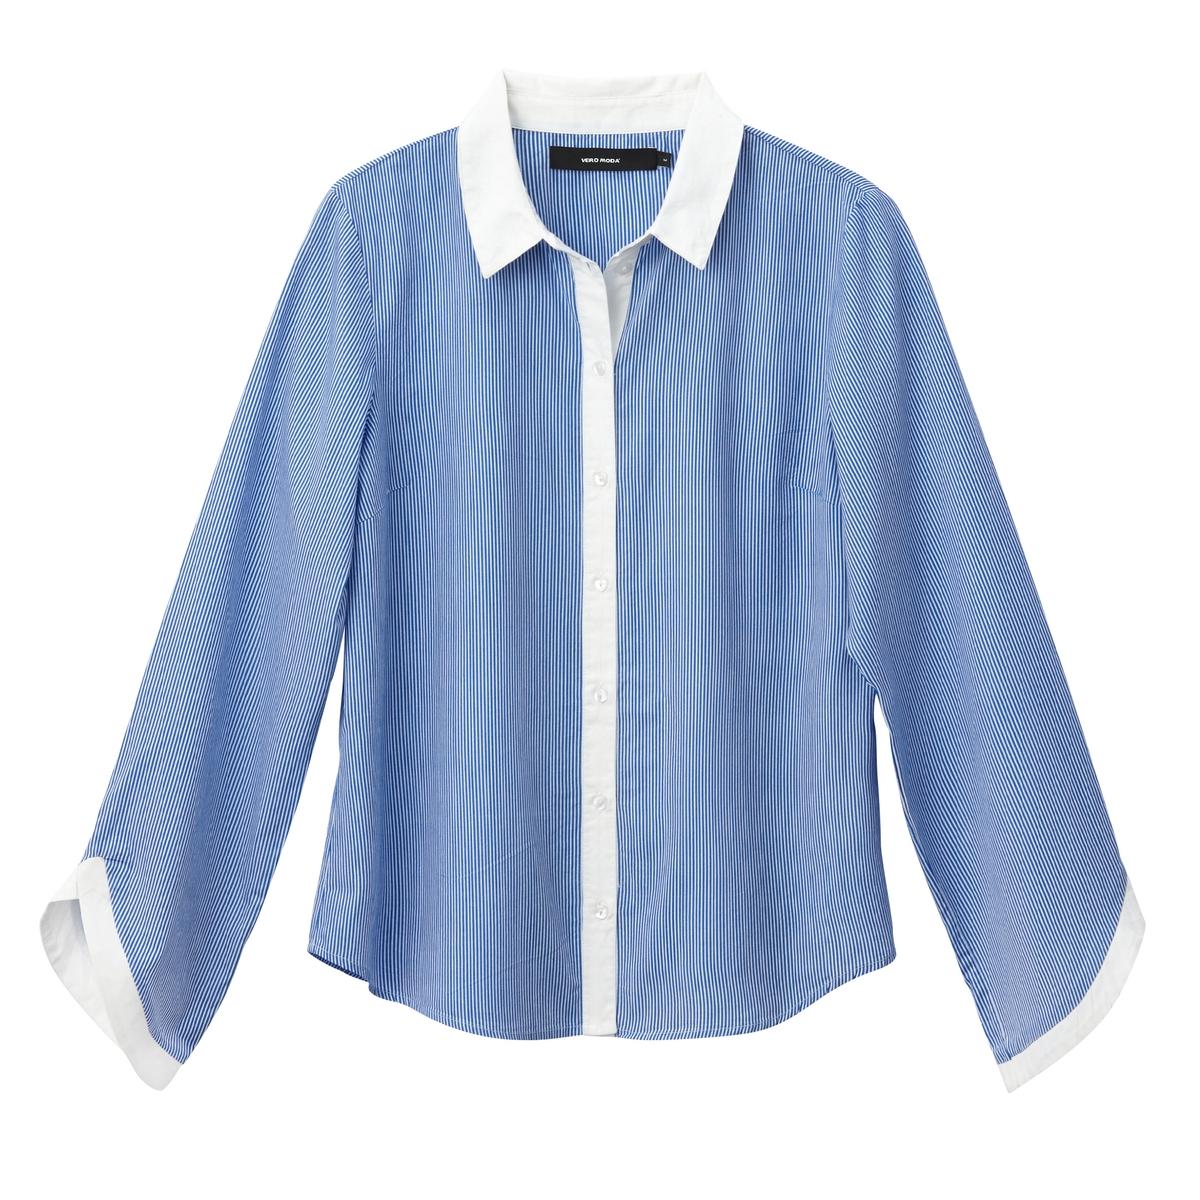 Рубашка прямая с воротником-поло и длинными рукавами футболка с воротником поло длинными рукавами и пуговицами спереди